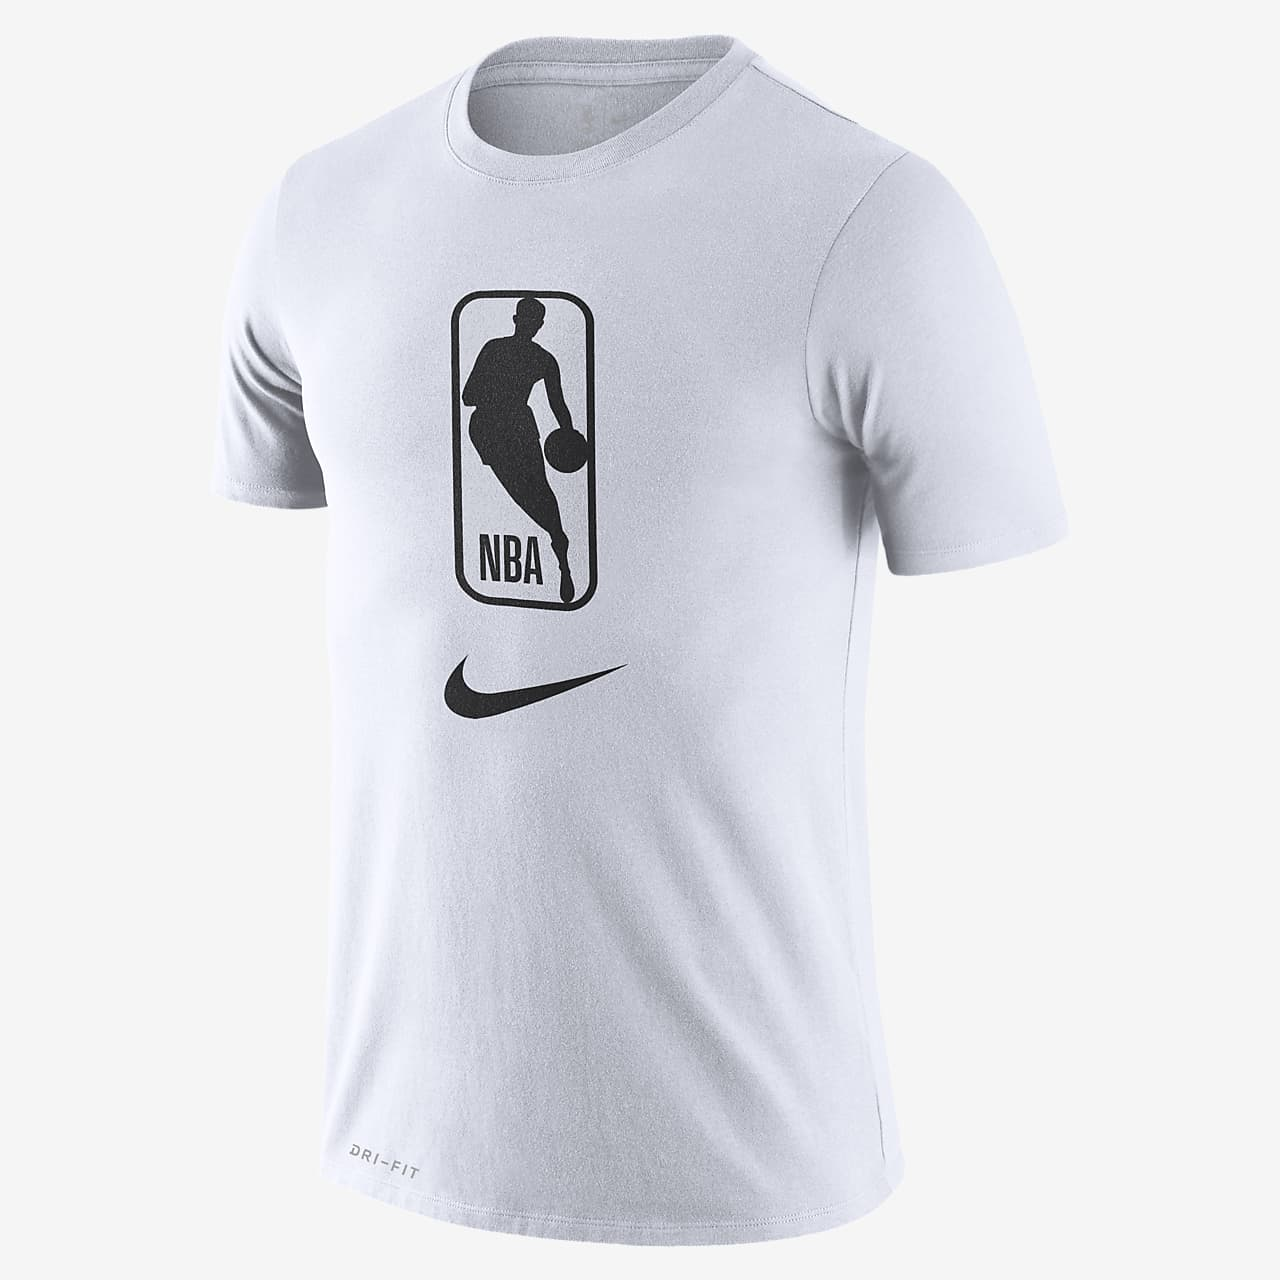 Team 31 Nike Dri-FIT NBA Erkek Tişörtü